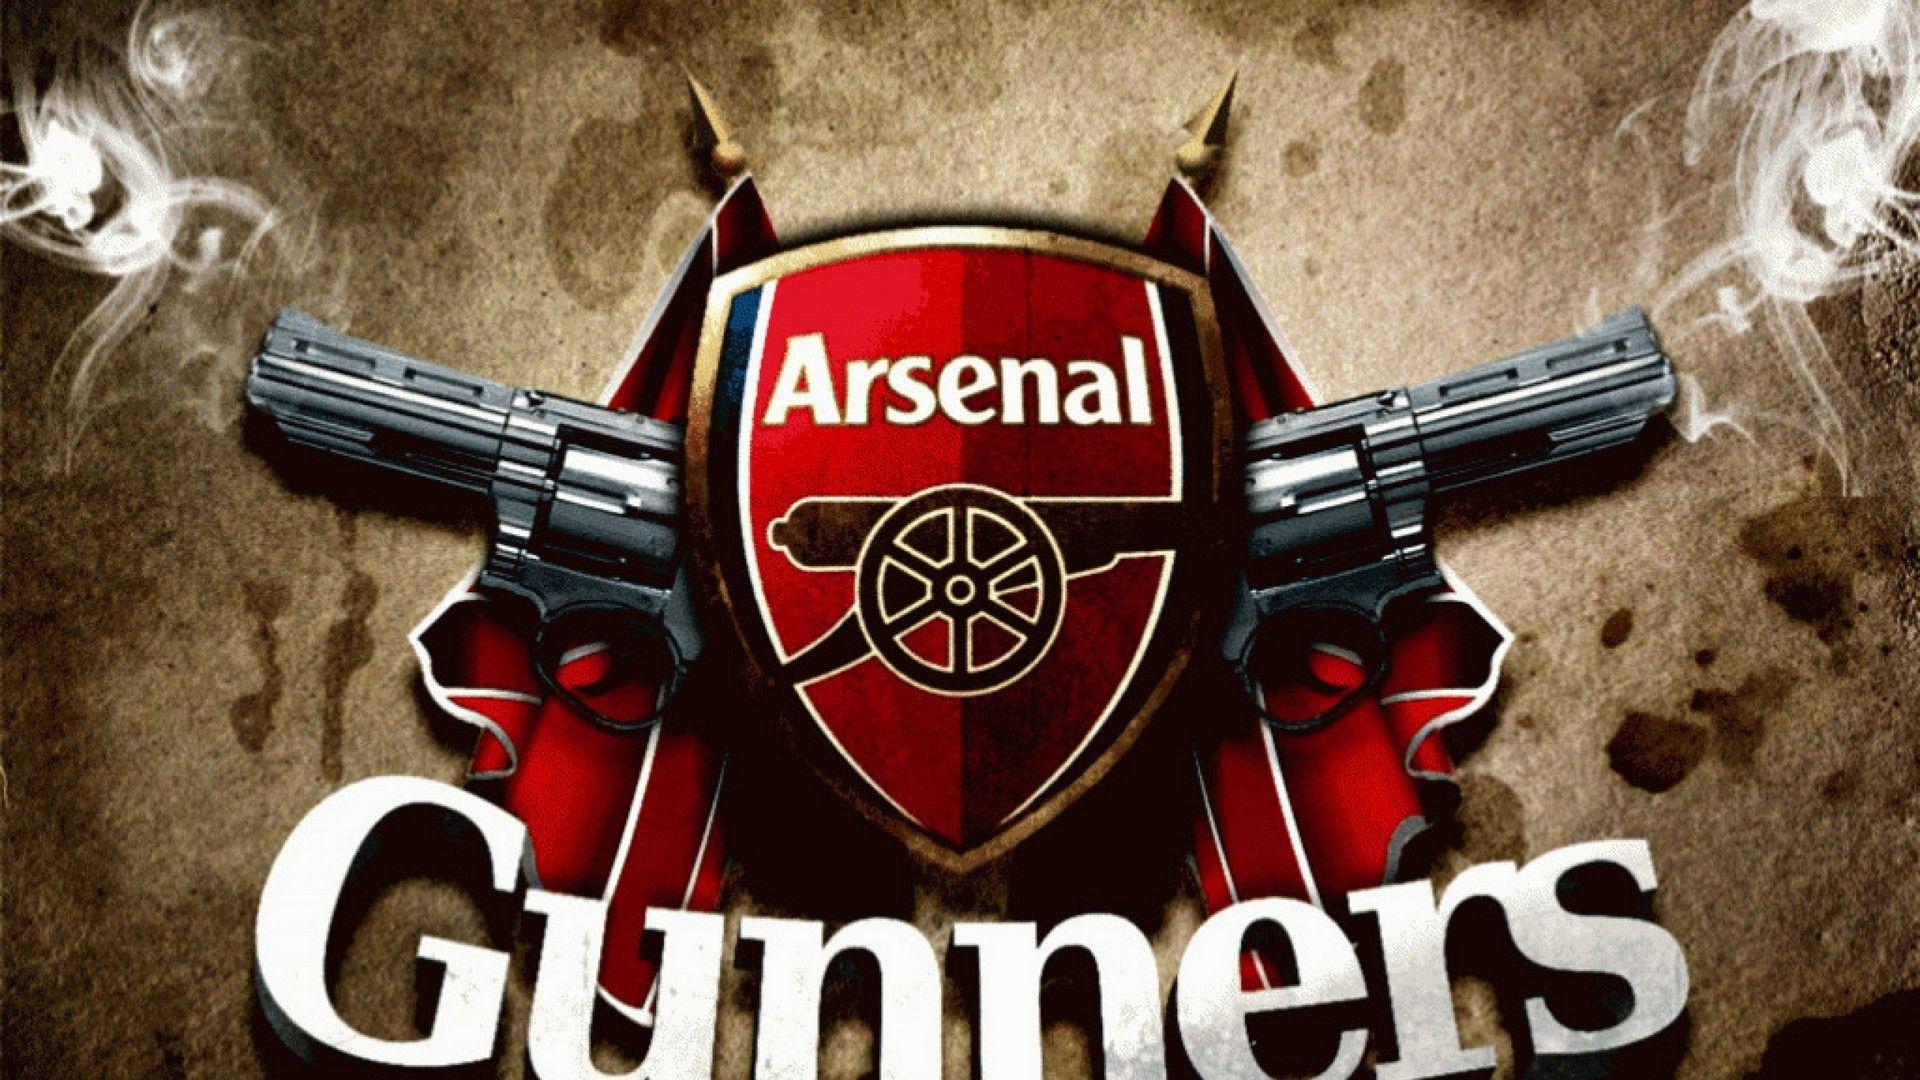 HD Arsenal Wallpaper Gunners   Wallpaper   Arsenal ...